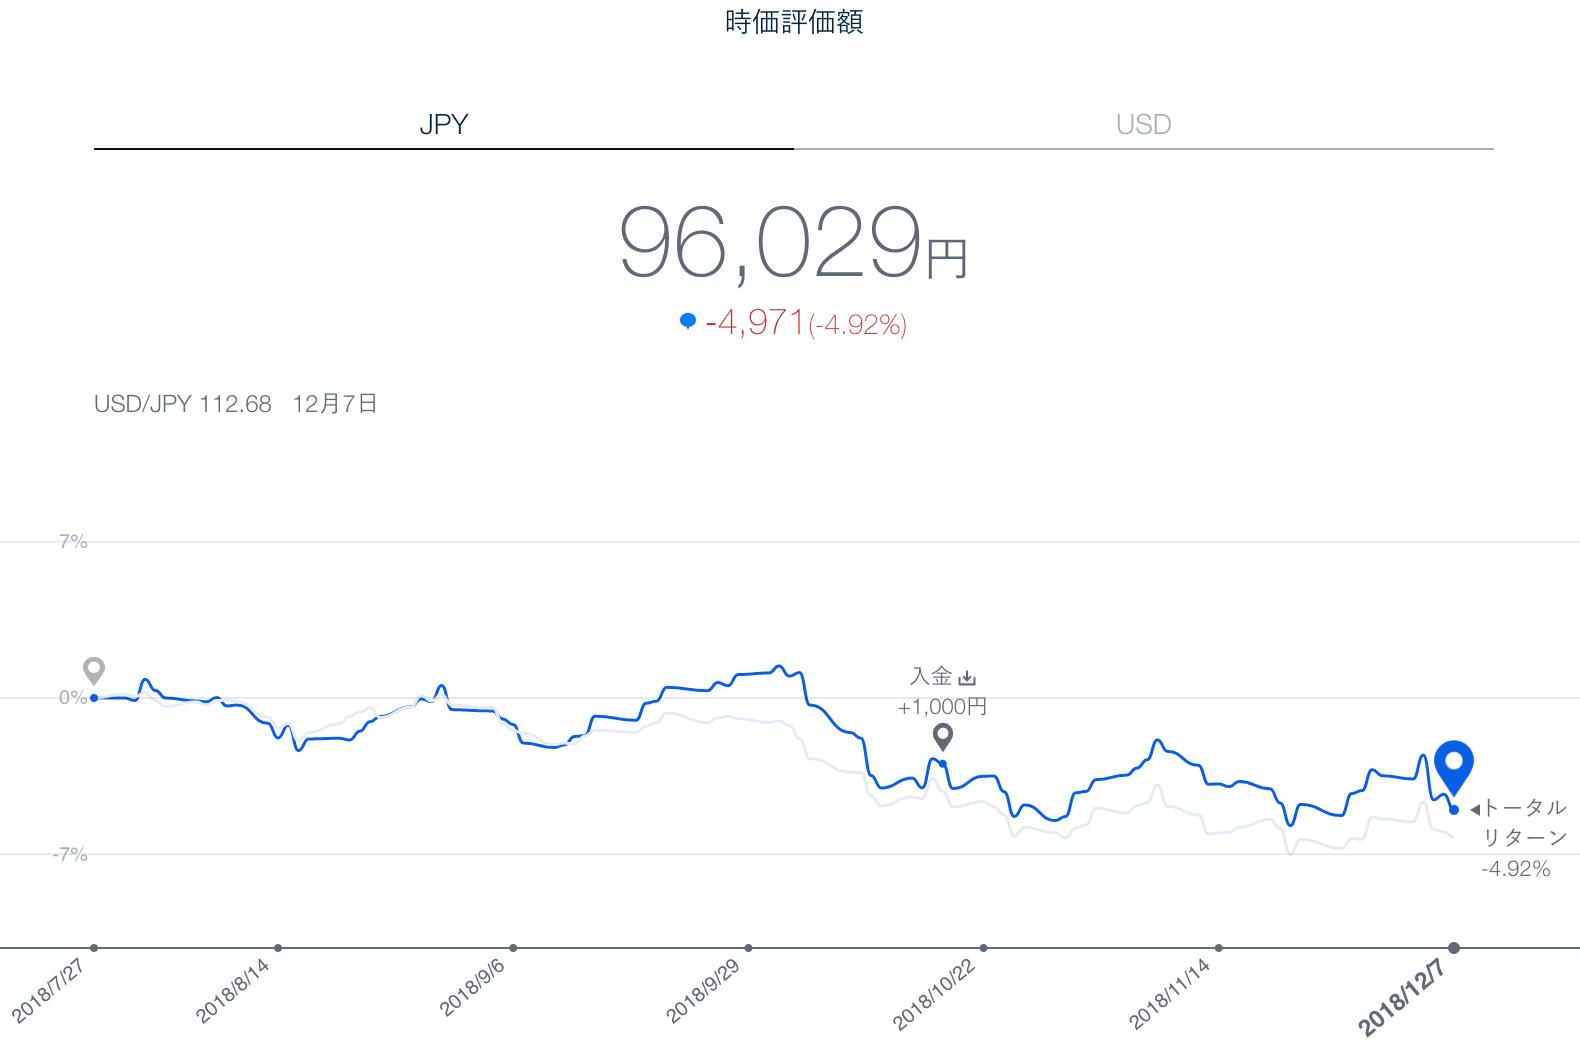 【運用19週目】THEO(テオ)の運用結果は-1,516円(-1.57%)